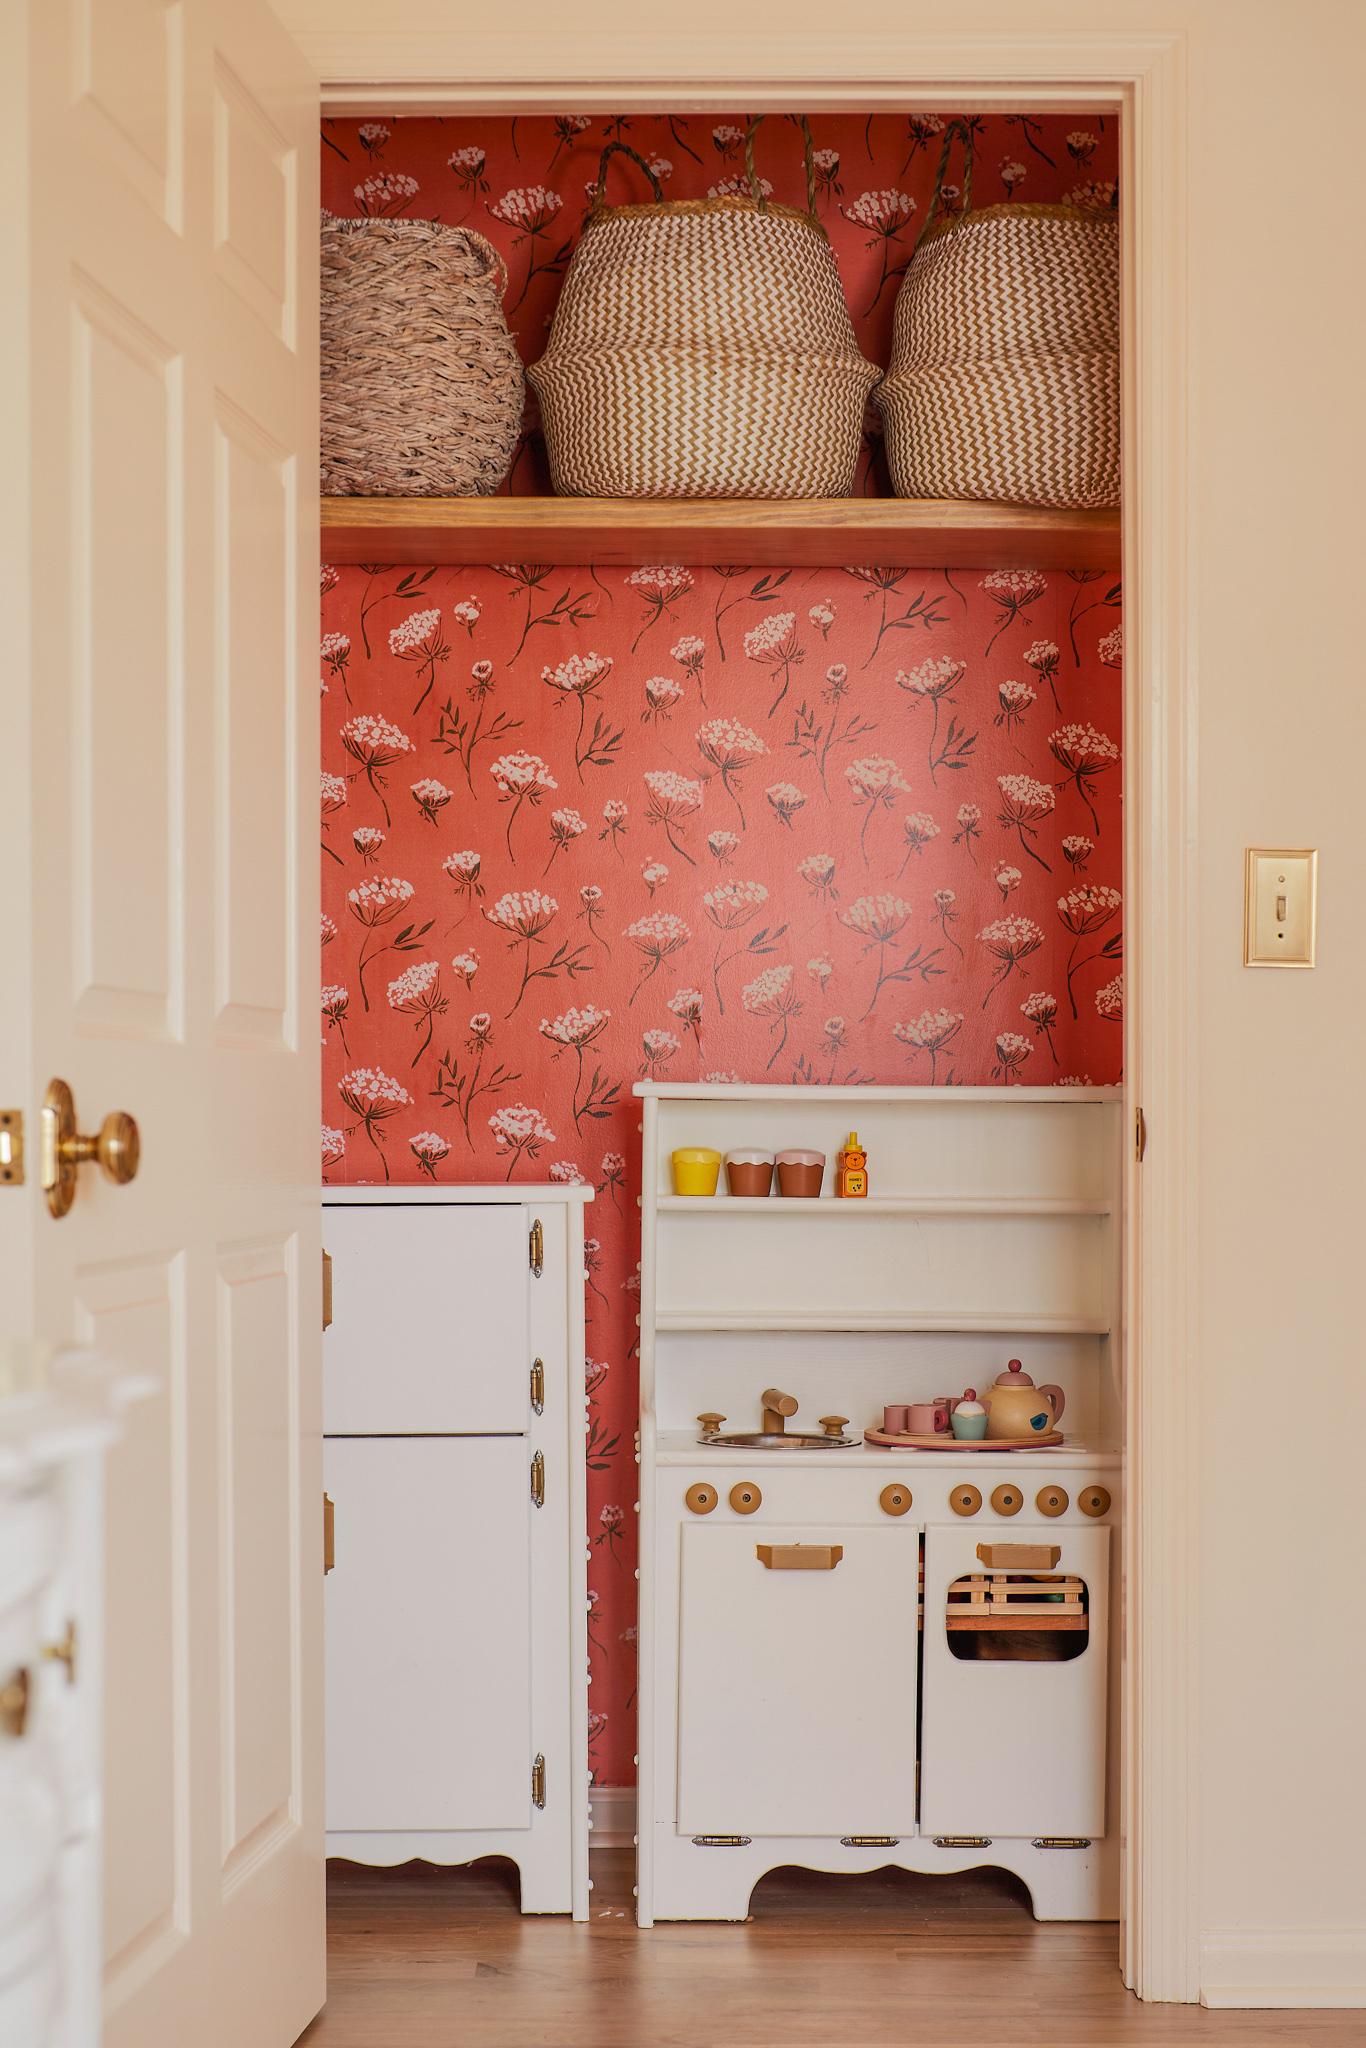 Wooden kitchen play set closet wallpaper